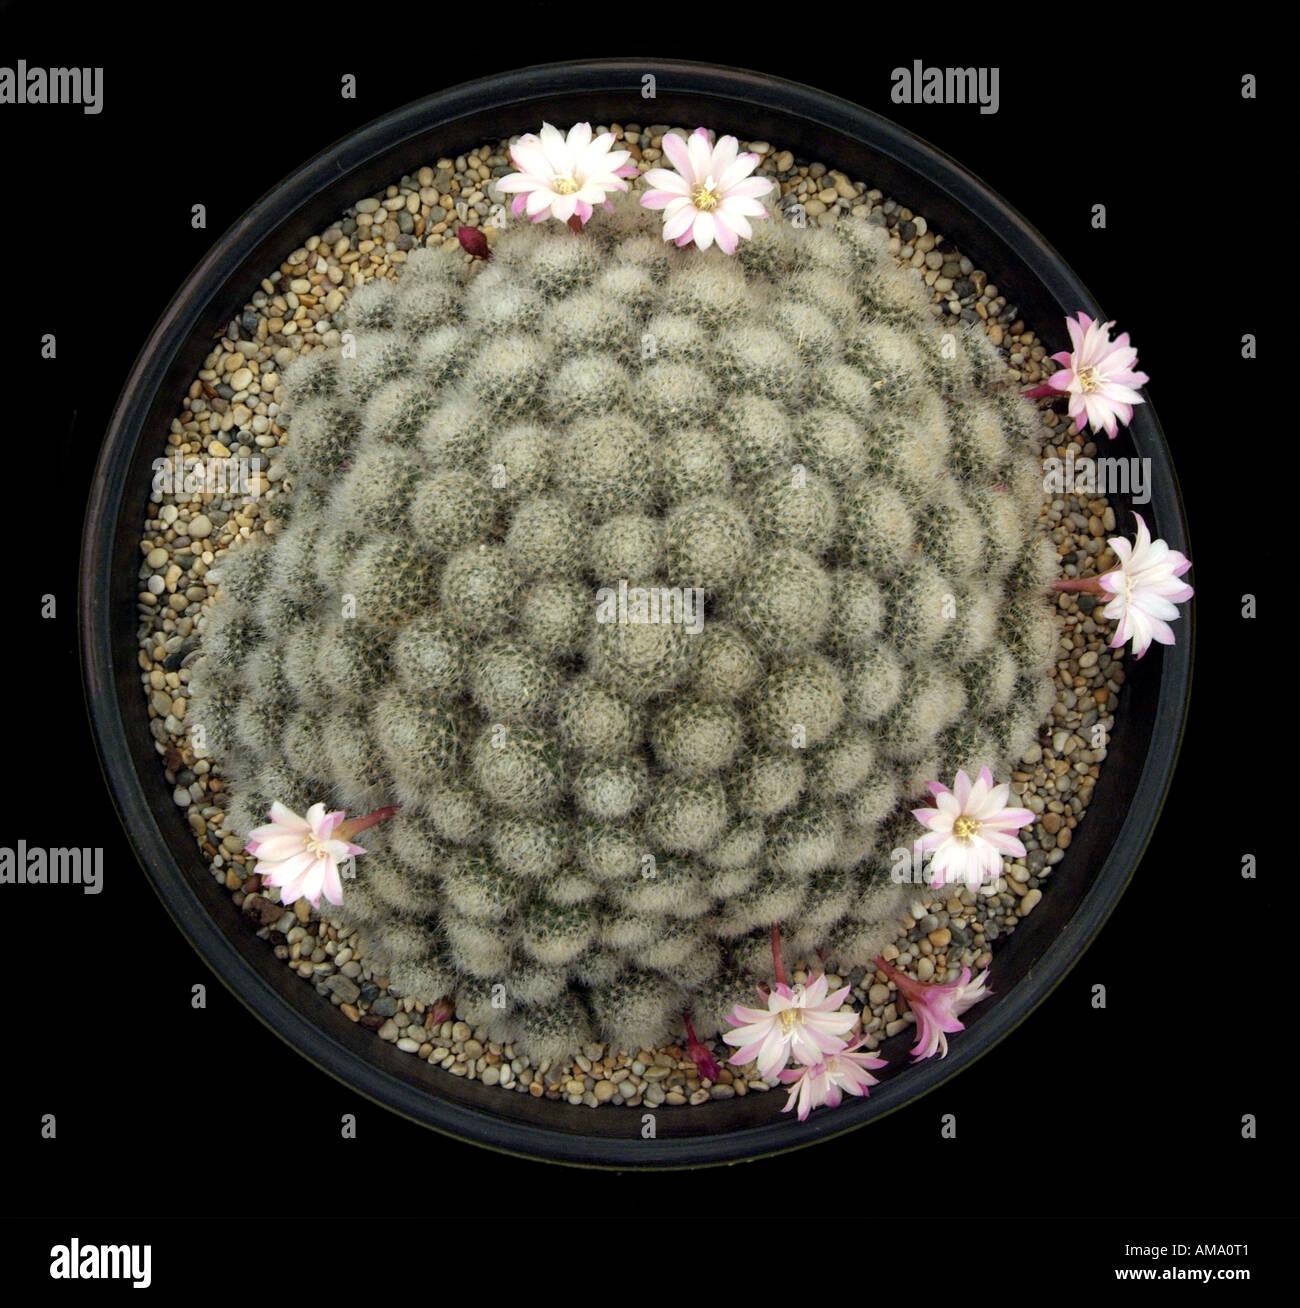 Mammillaria cactus cacti plumeuses blanc fleur flore espèces dos serre pot en terre cuite cultivée soulevées Banque D'Images